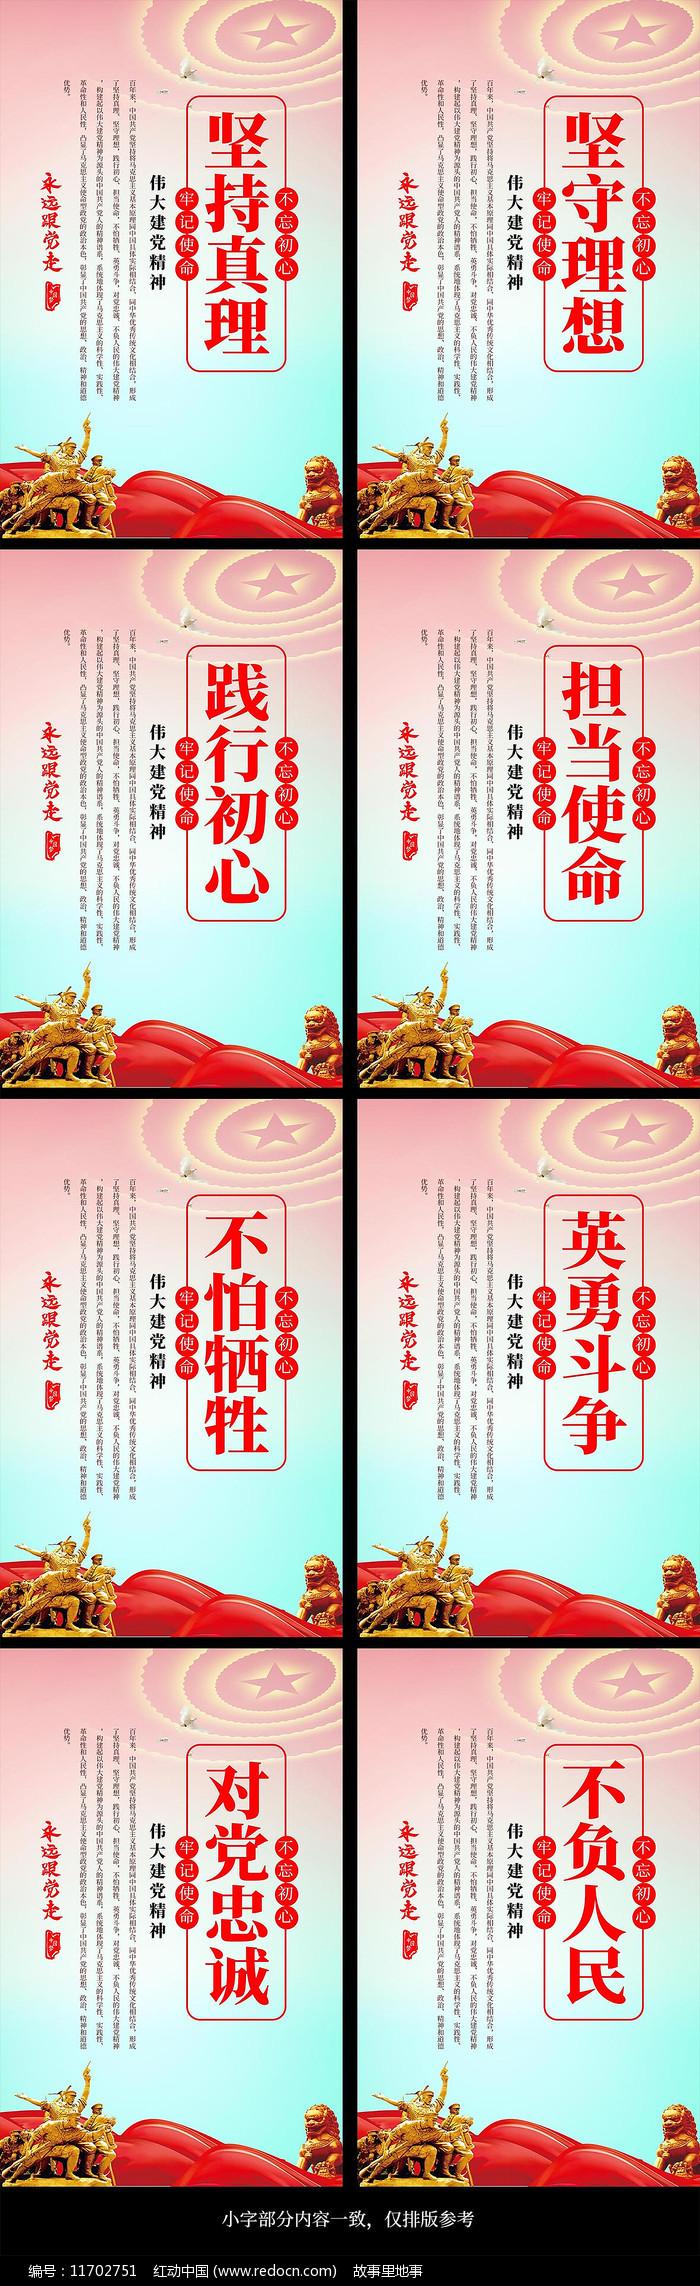 七一建党节伟大建党精神宣传标语海报图片